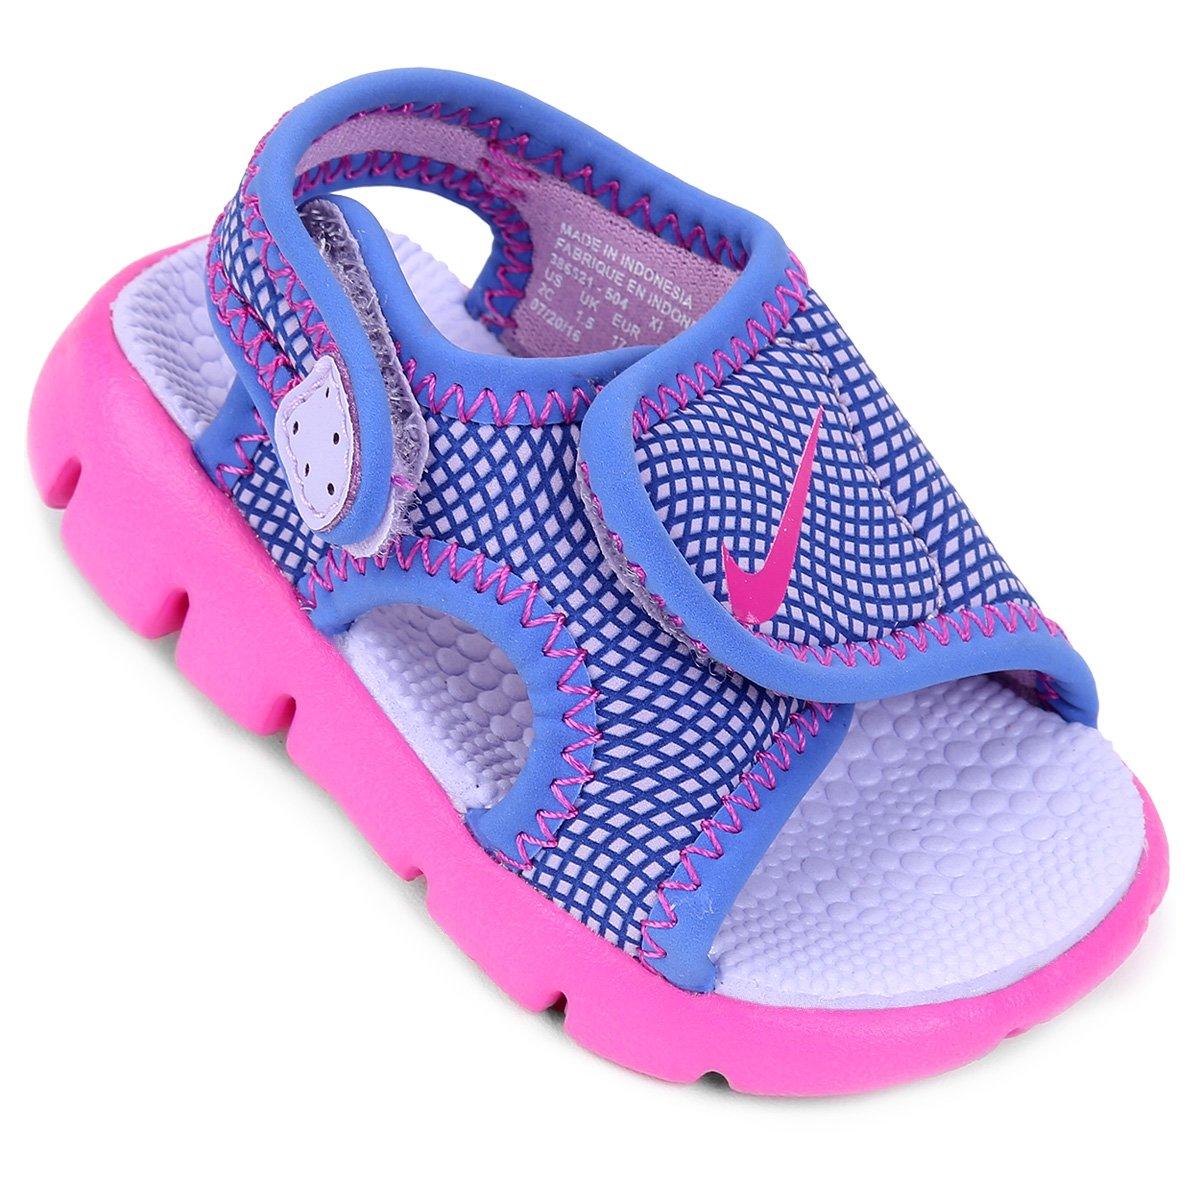 d8b5d1e48 Sandália Nike Sunray Adjust 4 Infantil - Azul e Roxo | Shop Timão